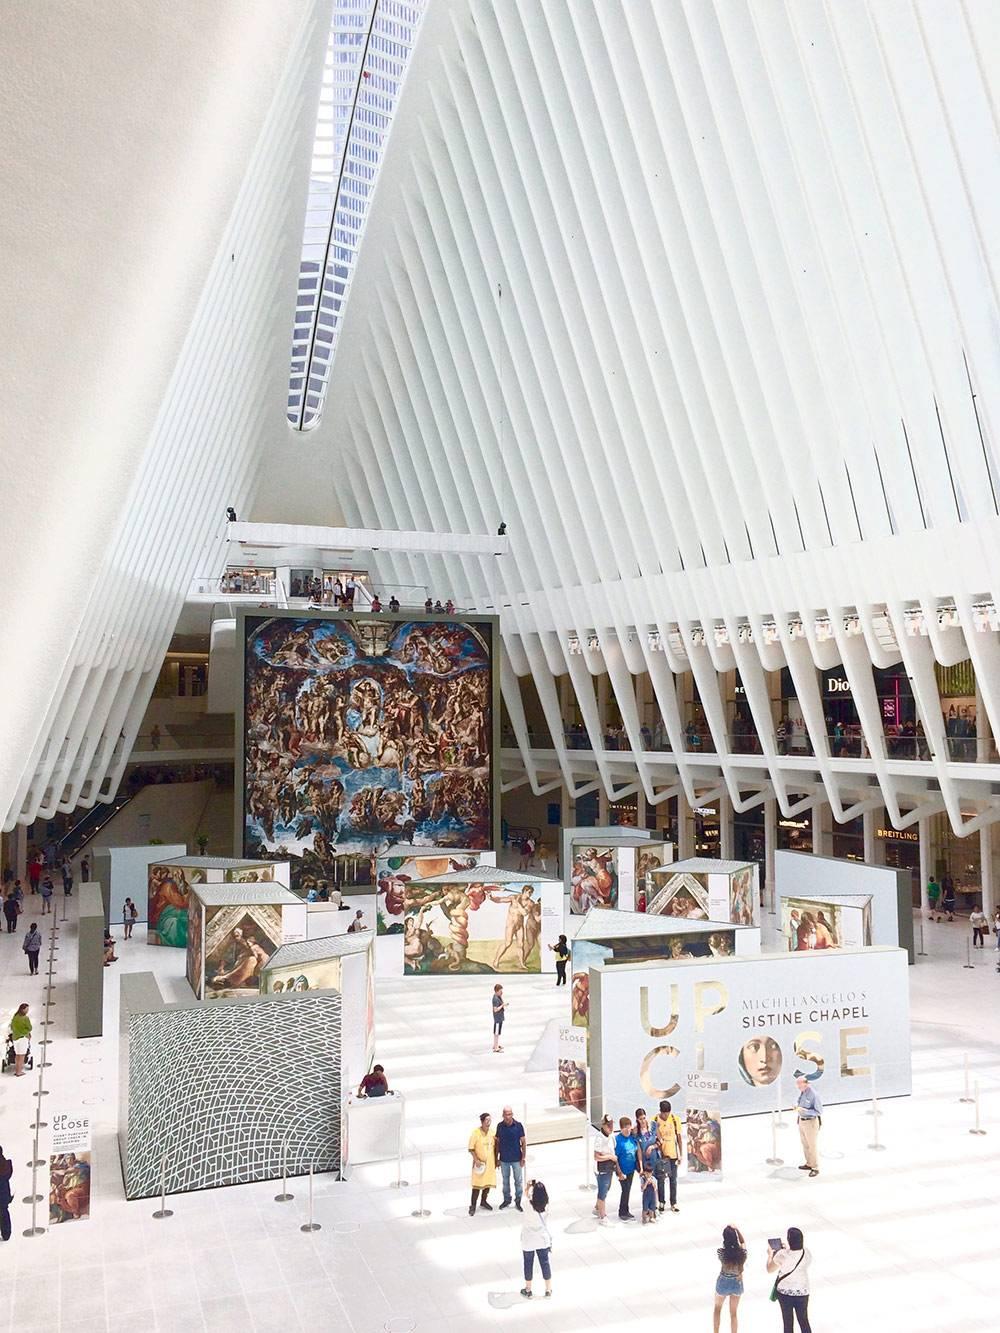 Окулус — вокзал, построенный на месте разрушенной терактом 9/11 станции. Этот транспортный узел, созданный по проекту испанского архитектора Сантьяго Калатравы, считается самой дорогой станцией метро в мире